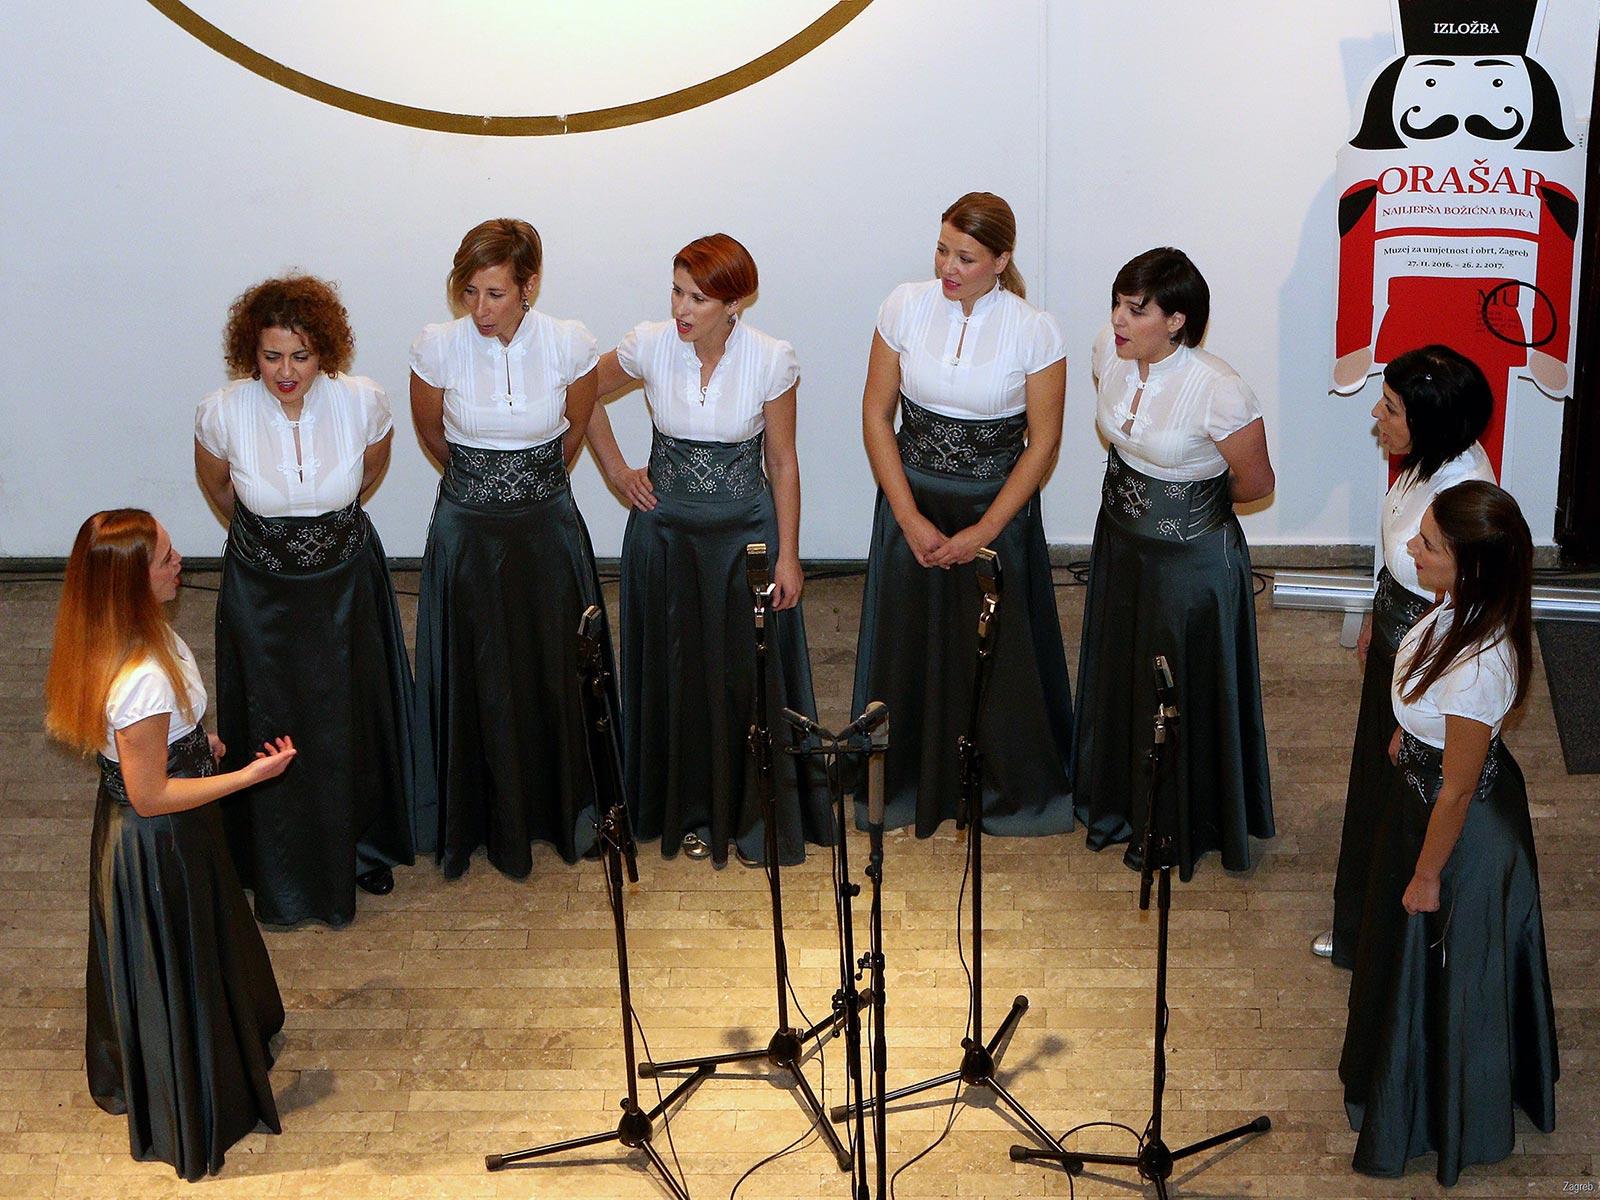 ARMORIN Glazbeni festival adventskih i božićnih pjesama u Zagrebu 2016. Musica Nota